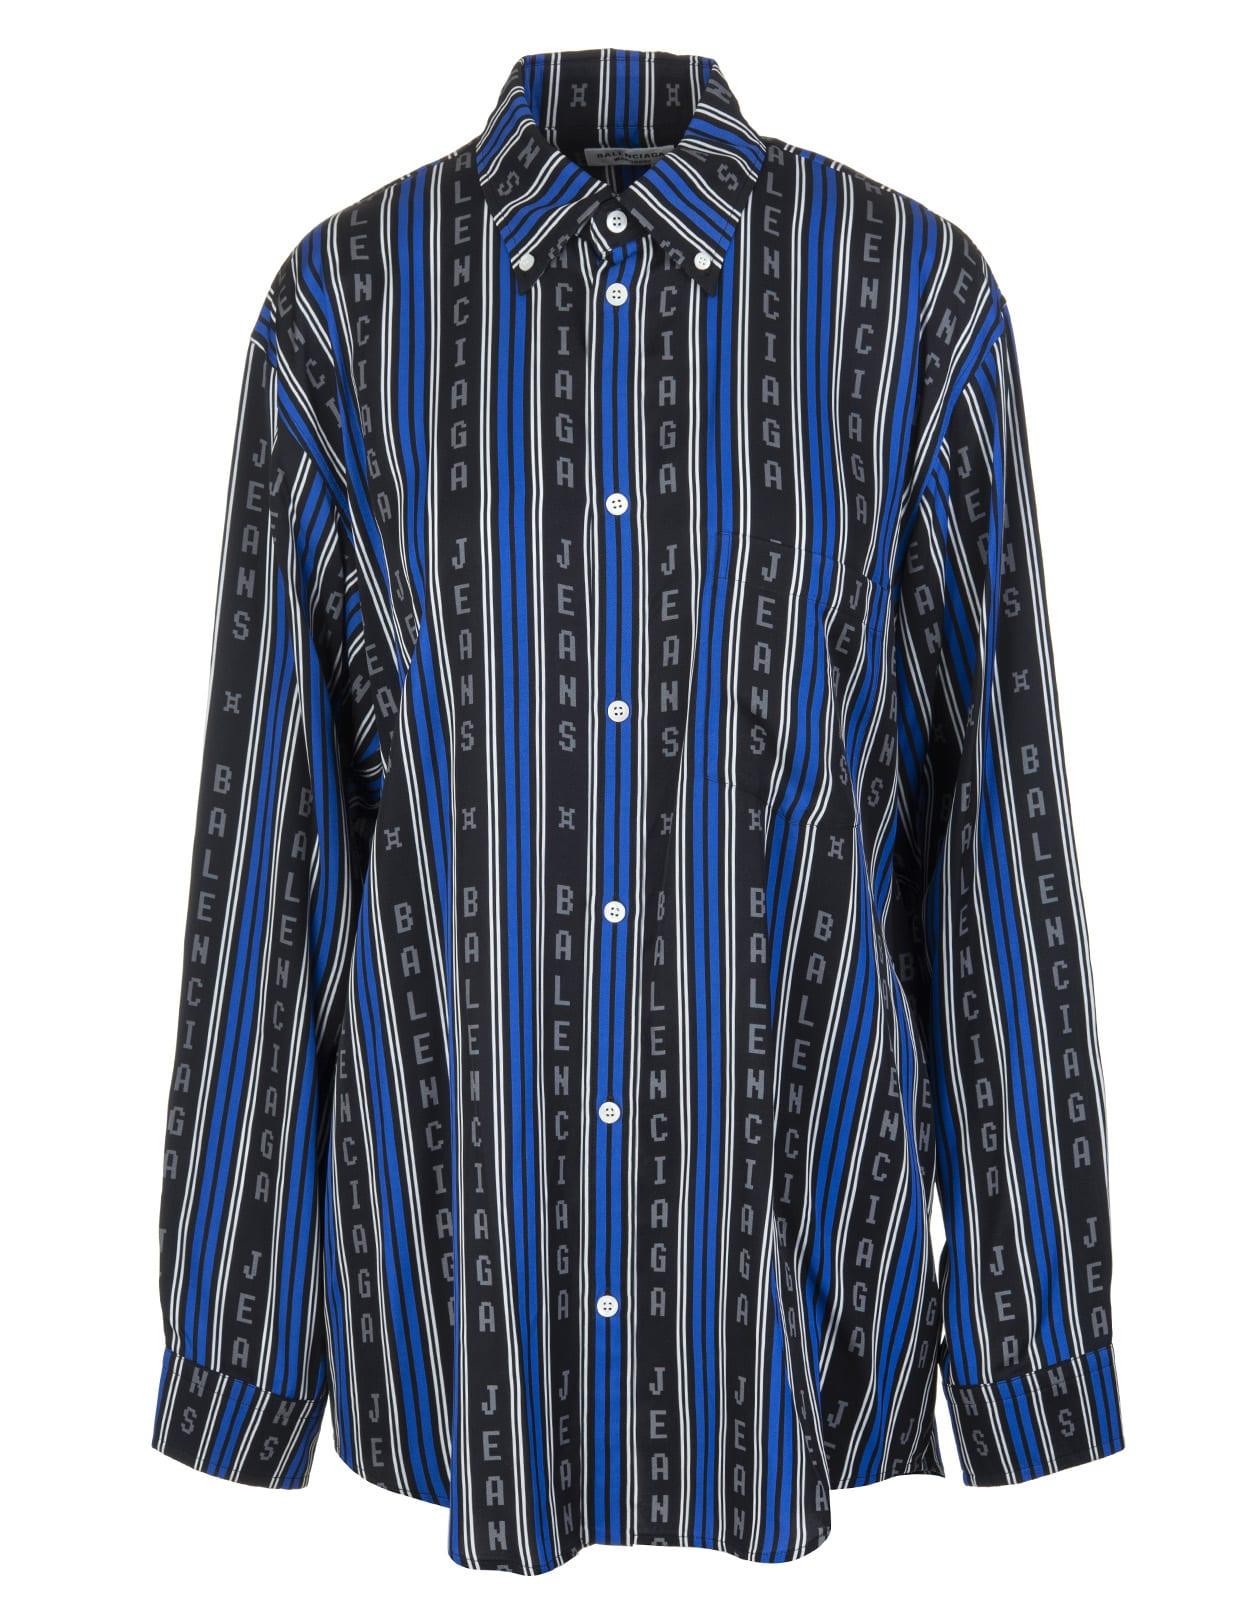 Balenciaga Shirts BLACK AND BLUE LARGE FIT SHIRT